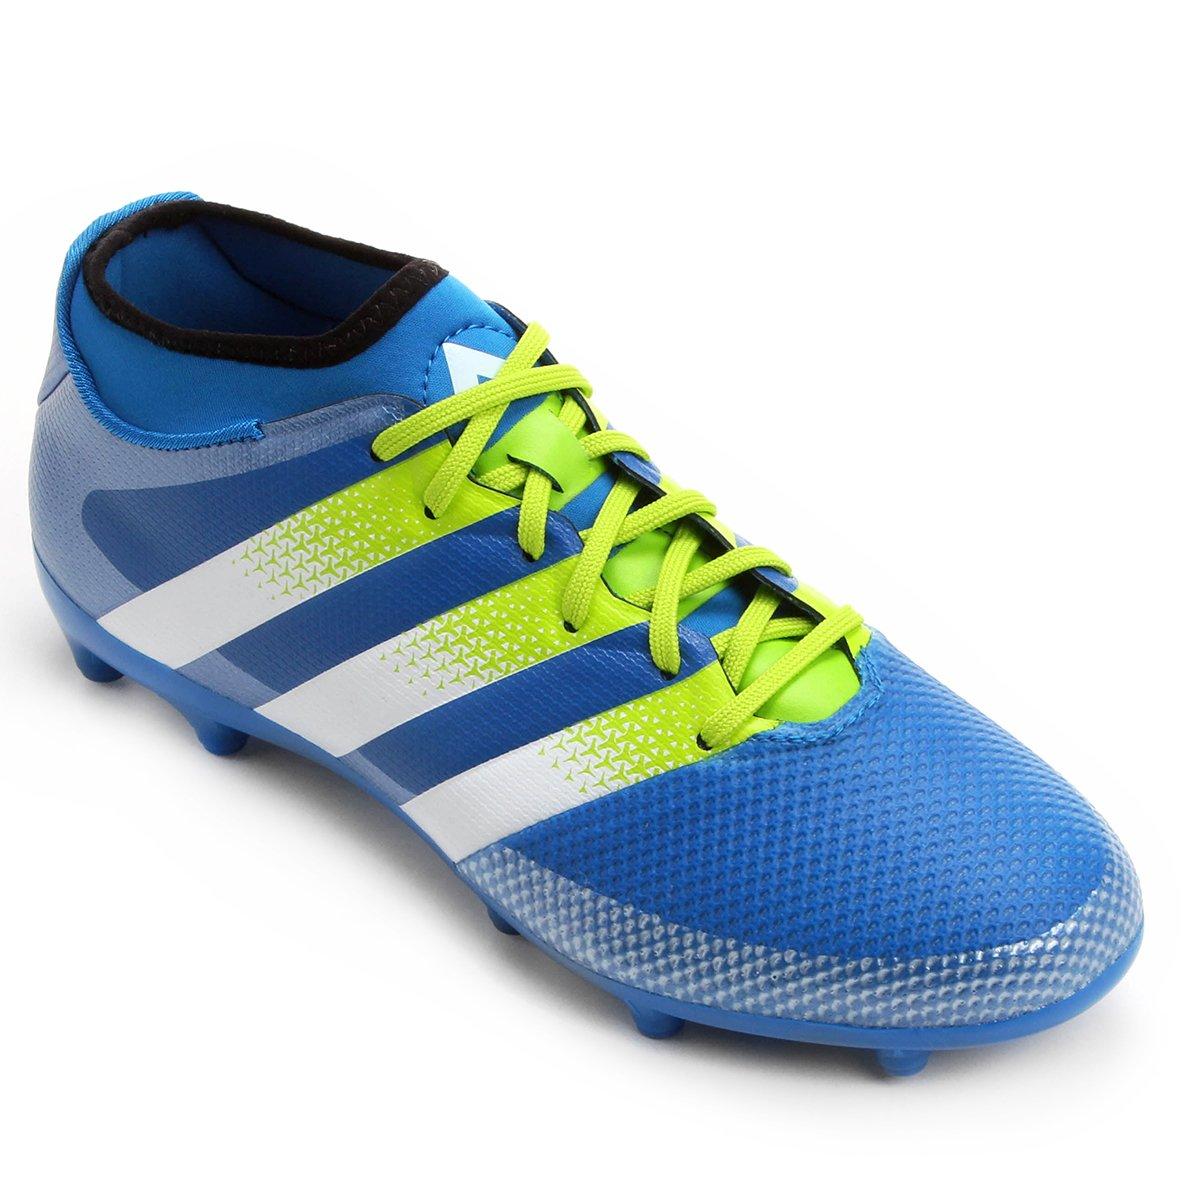 7f2509179856b Chuteira Campo Adidas Ace 16.3 Primemesh FG - Compre Agora